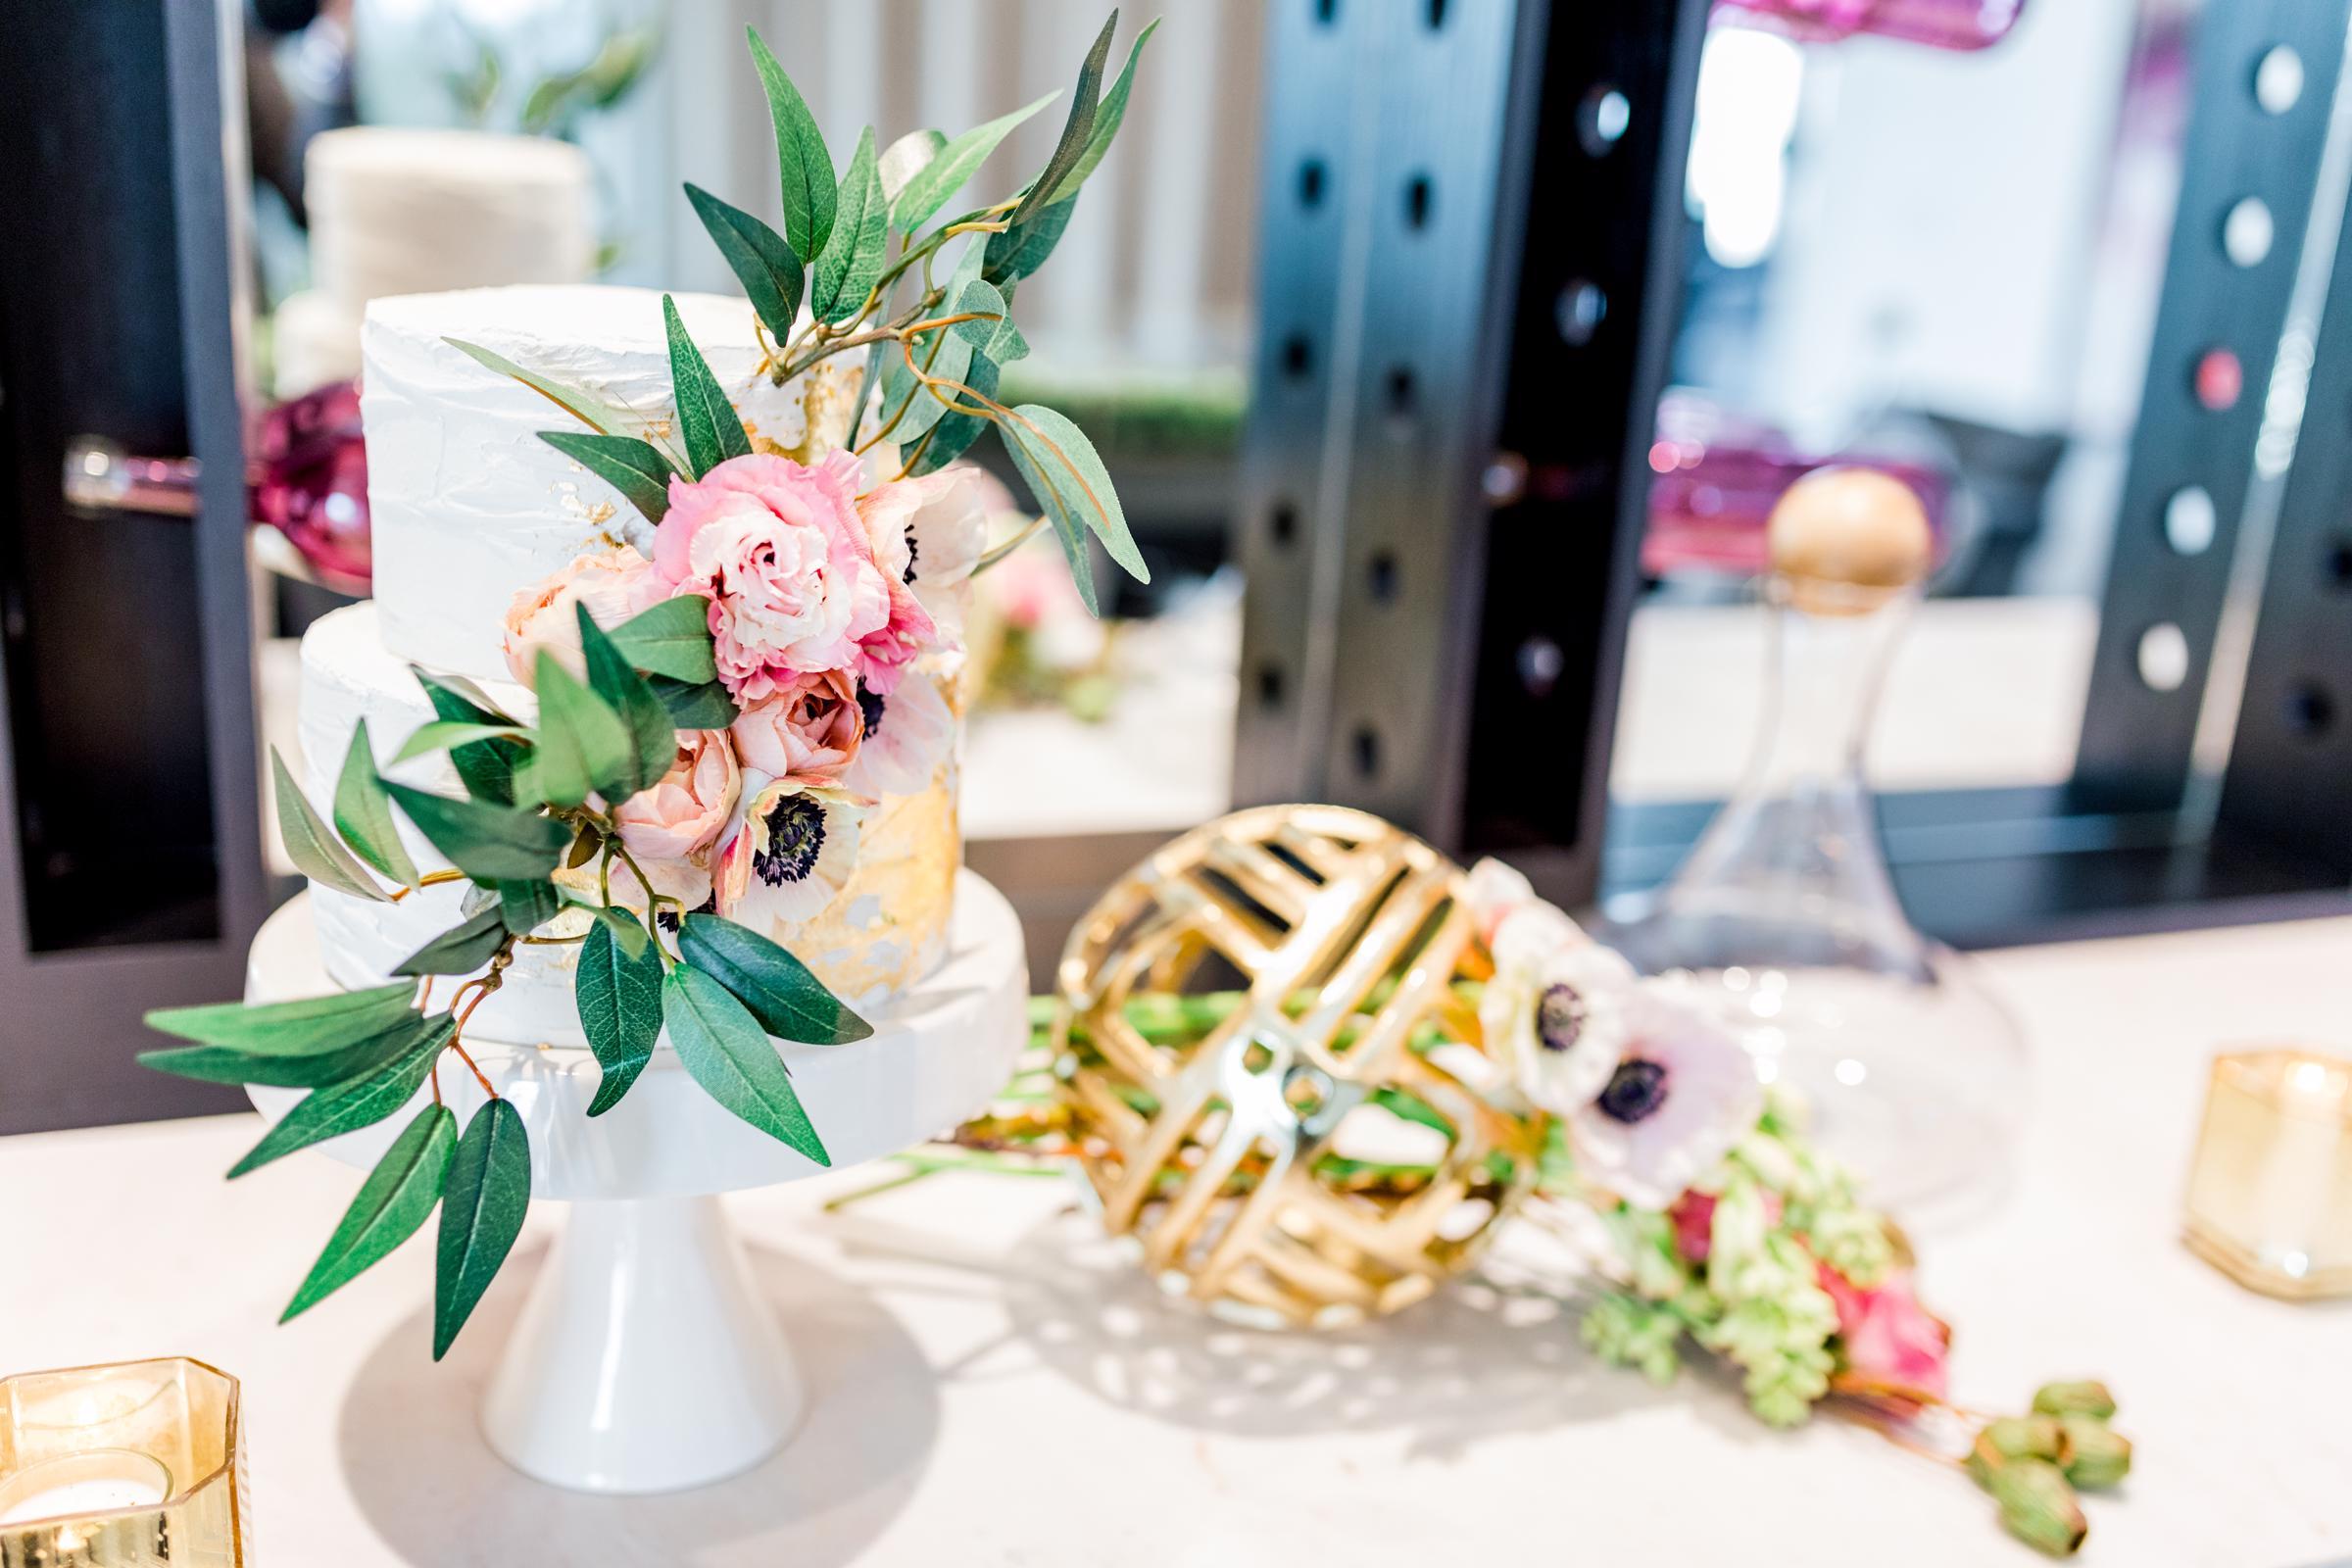 SPP_GraySage_Valentines_Cake_Flower_Ball.jpg